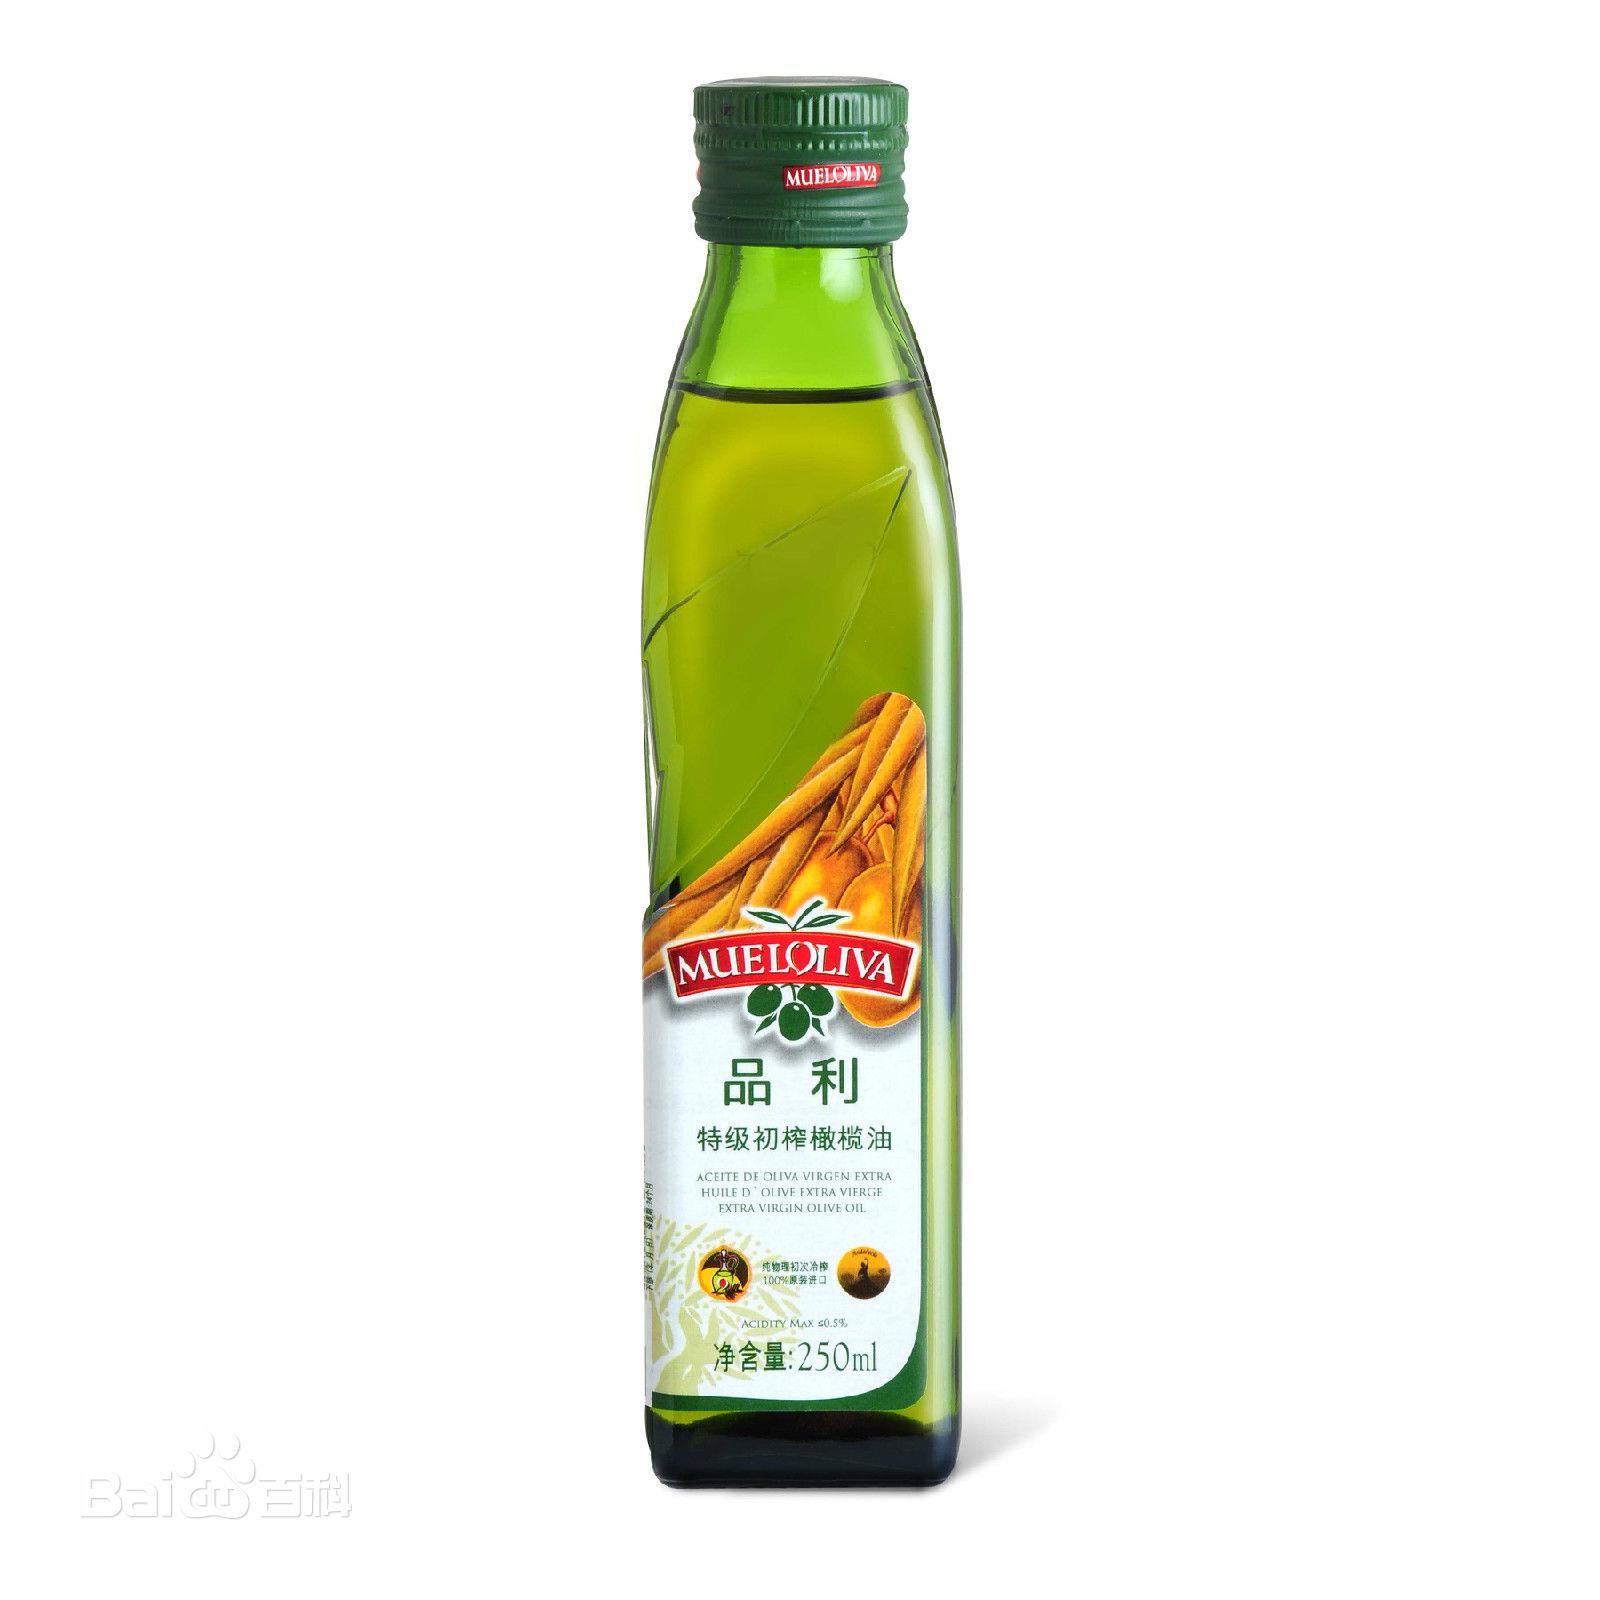 西班牙橄榄油进口图片/西班牙橄榄油进口样板图 (3)